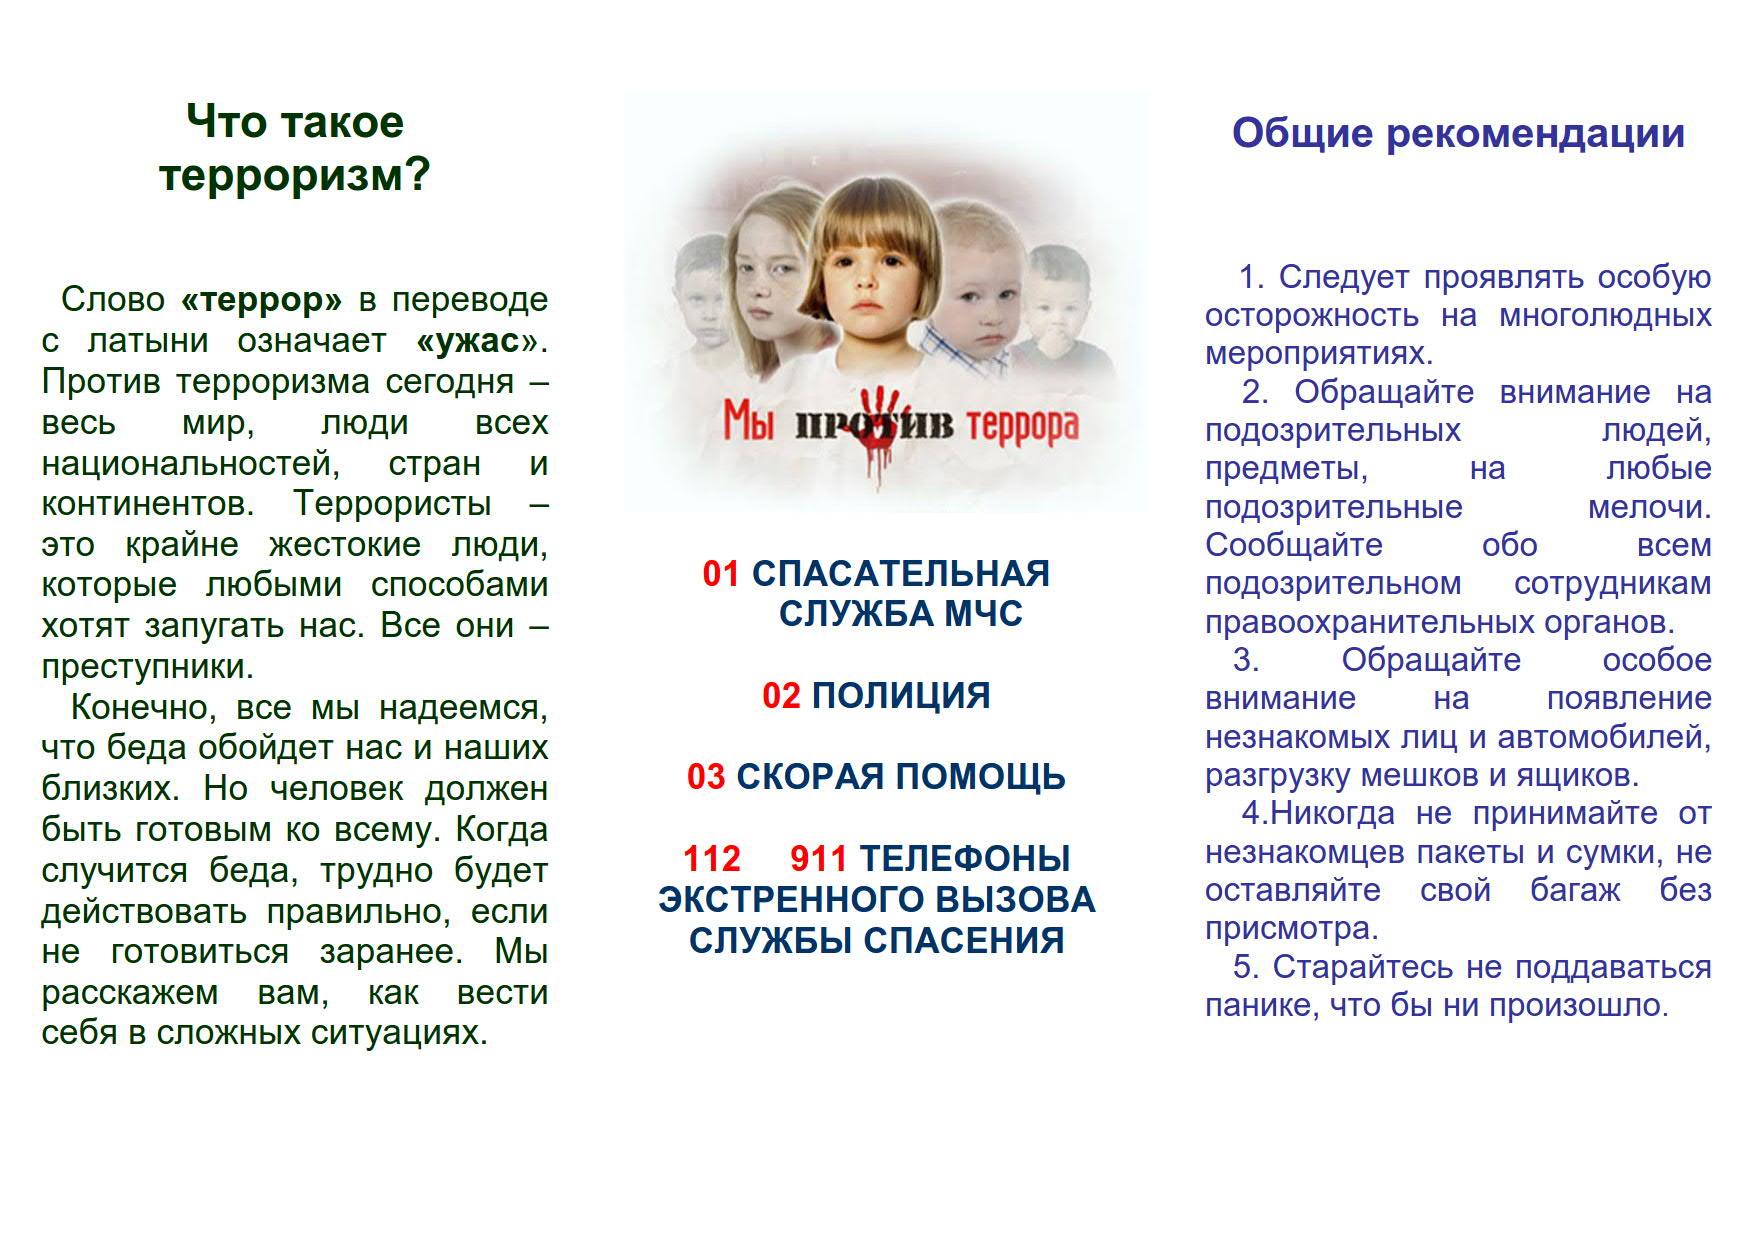 буклет террор_1